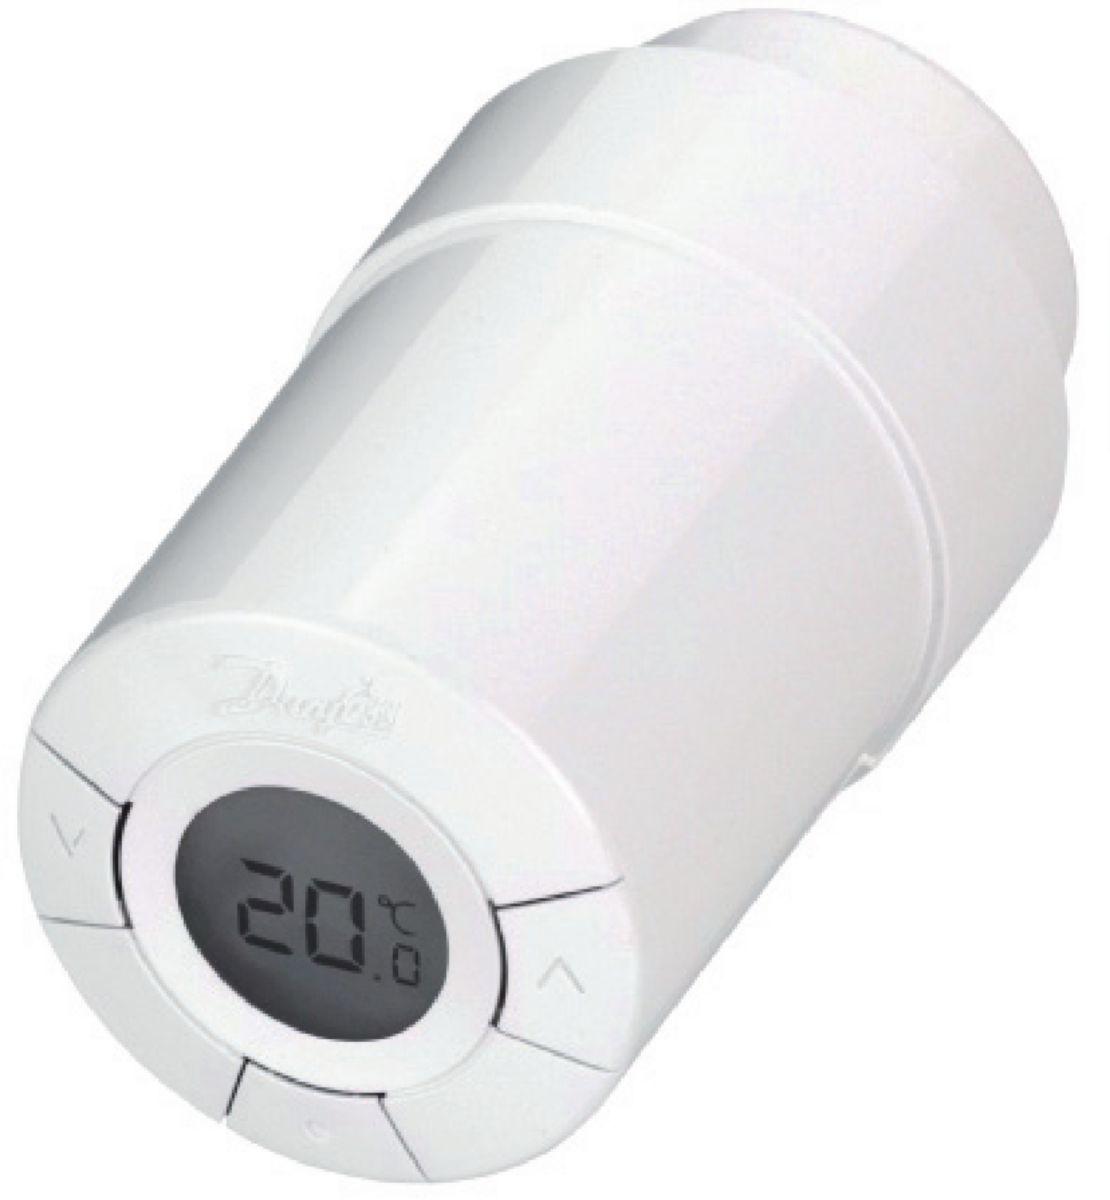 Tête électronique Danfoss Living connect réf. 014G0002